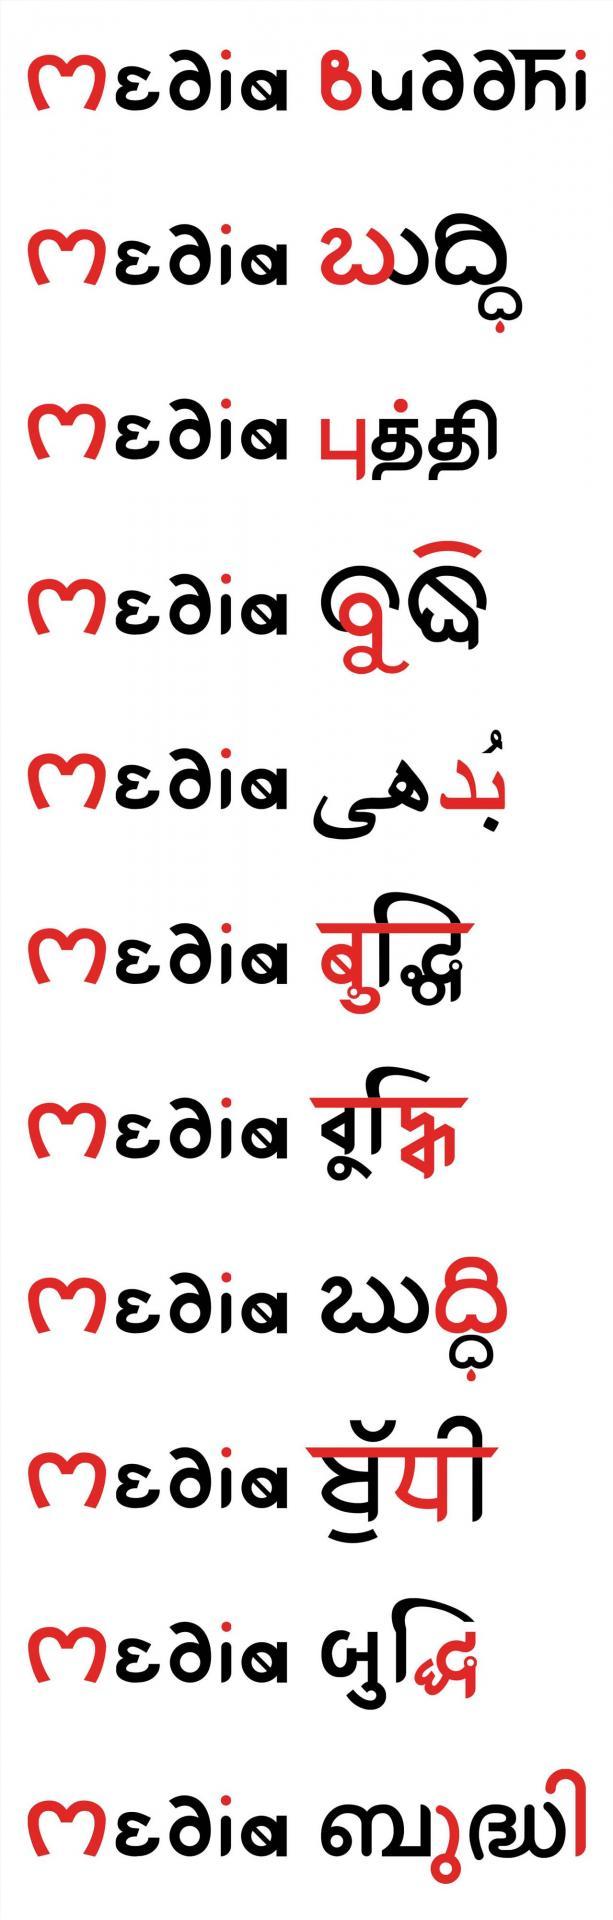 Sml mediabuddhi02